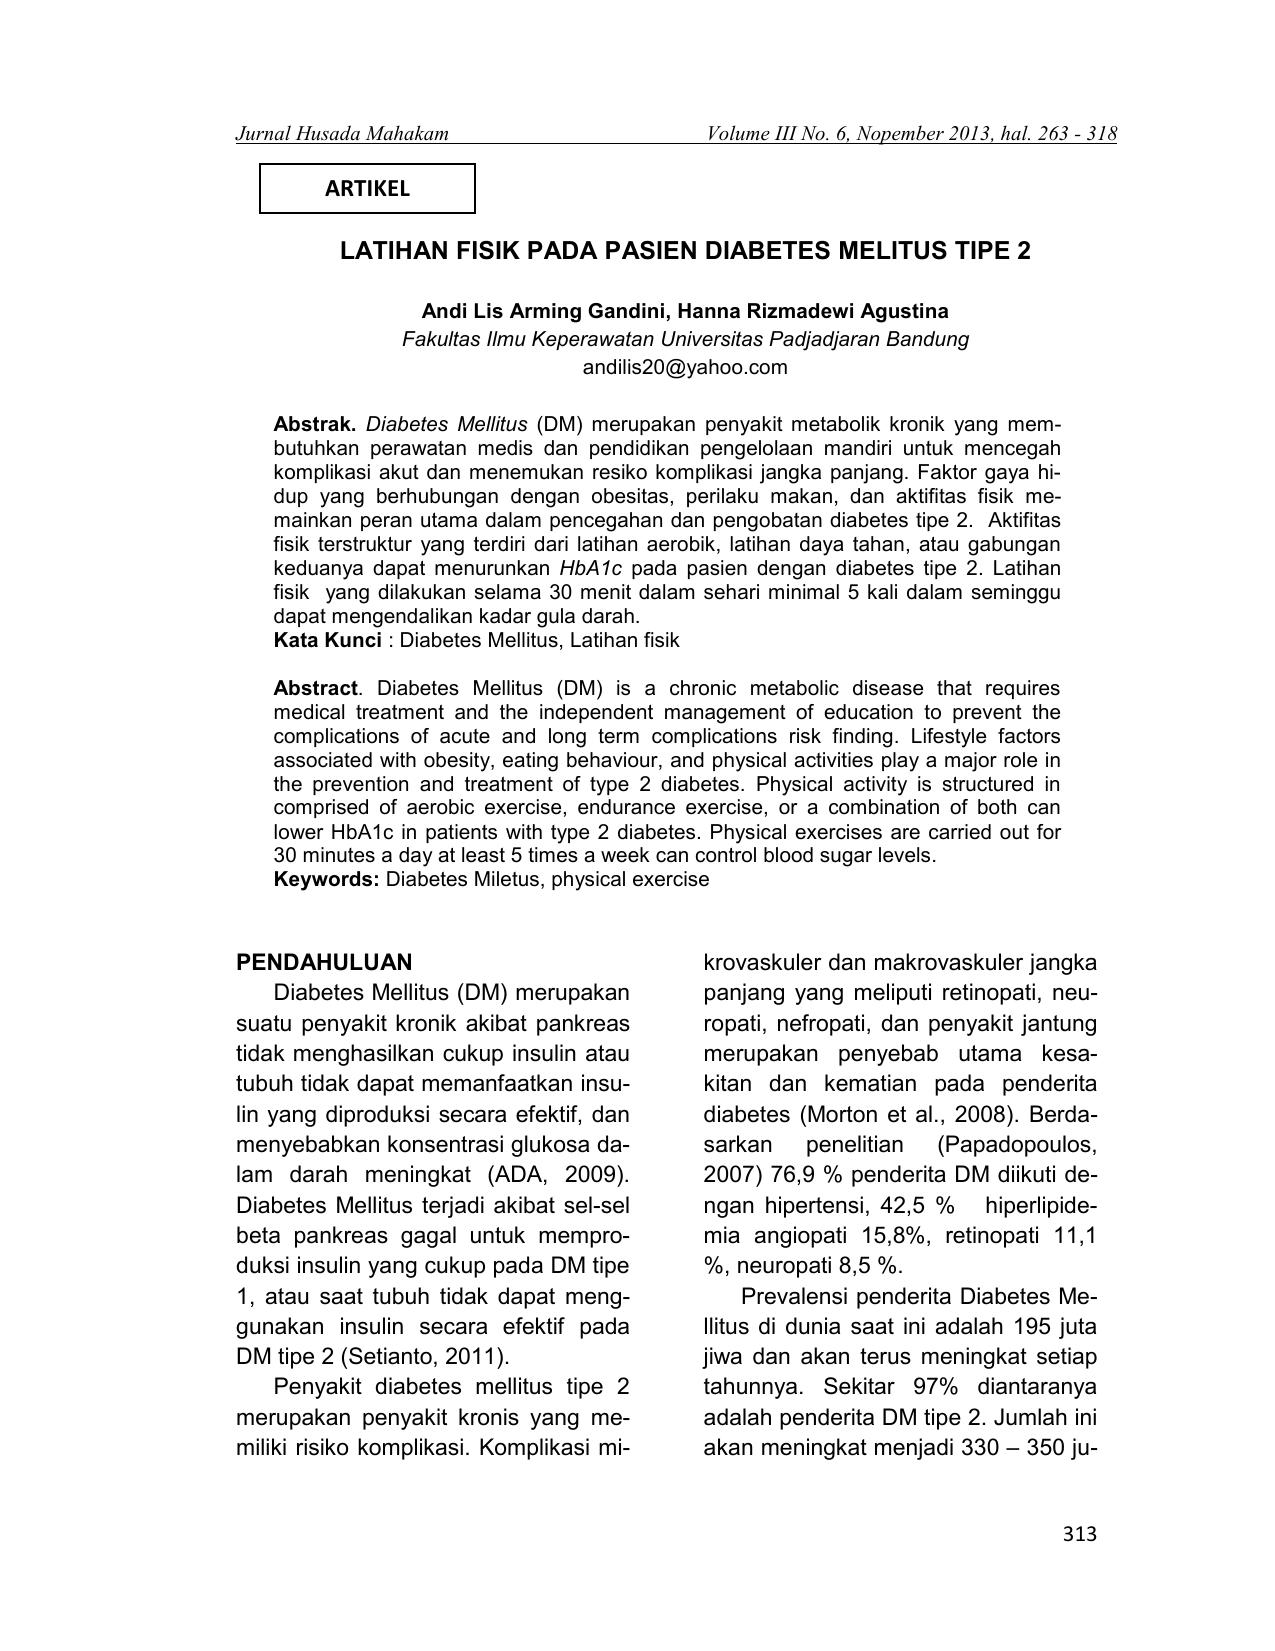 Latihan Fisik Pada Pasien Diabetes Melitus Tipe 2 Artikel